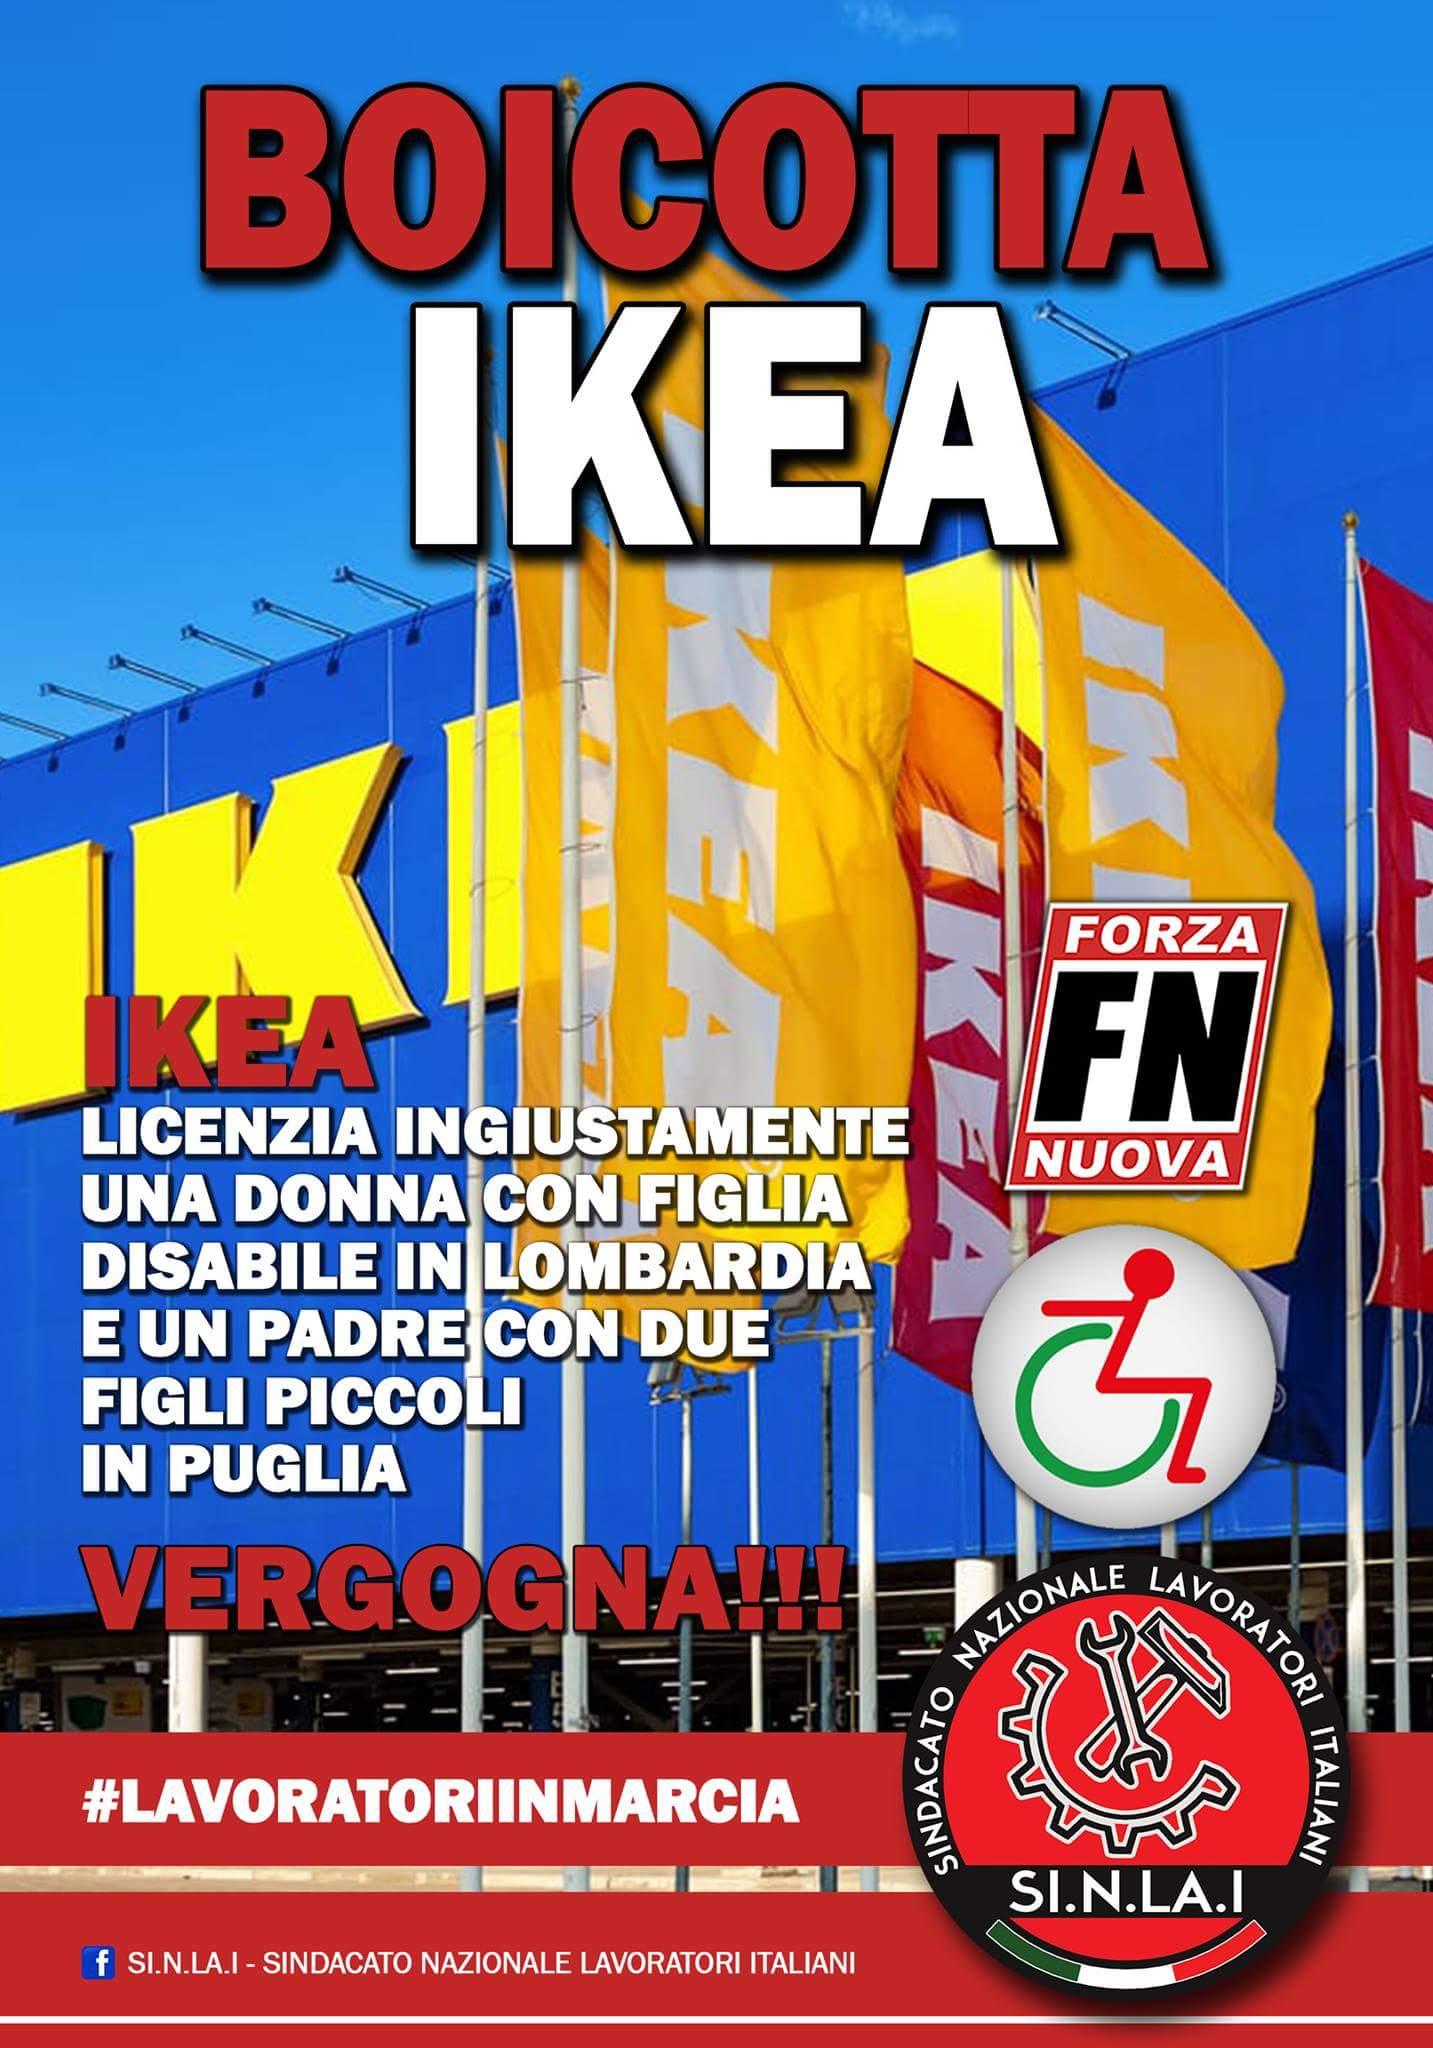 Civico20 news milano licenziamenti ikea a corsico mi - Navetta per ikea corsico ...